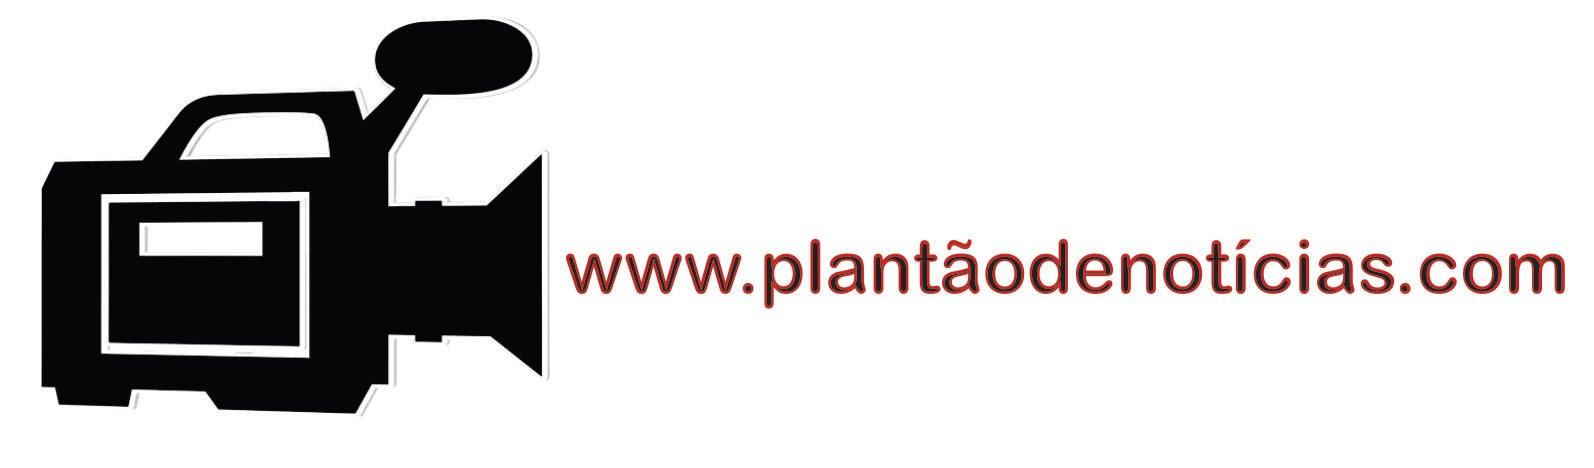 Plantao de Noticias